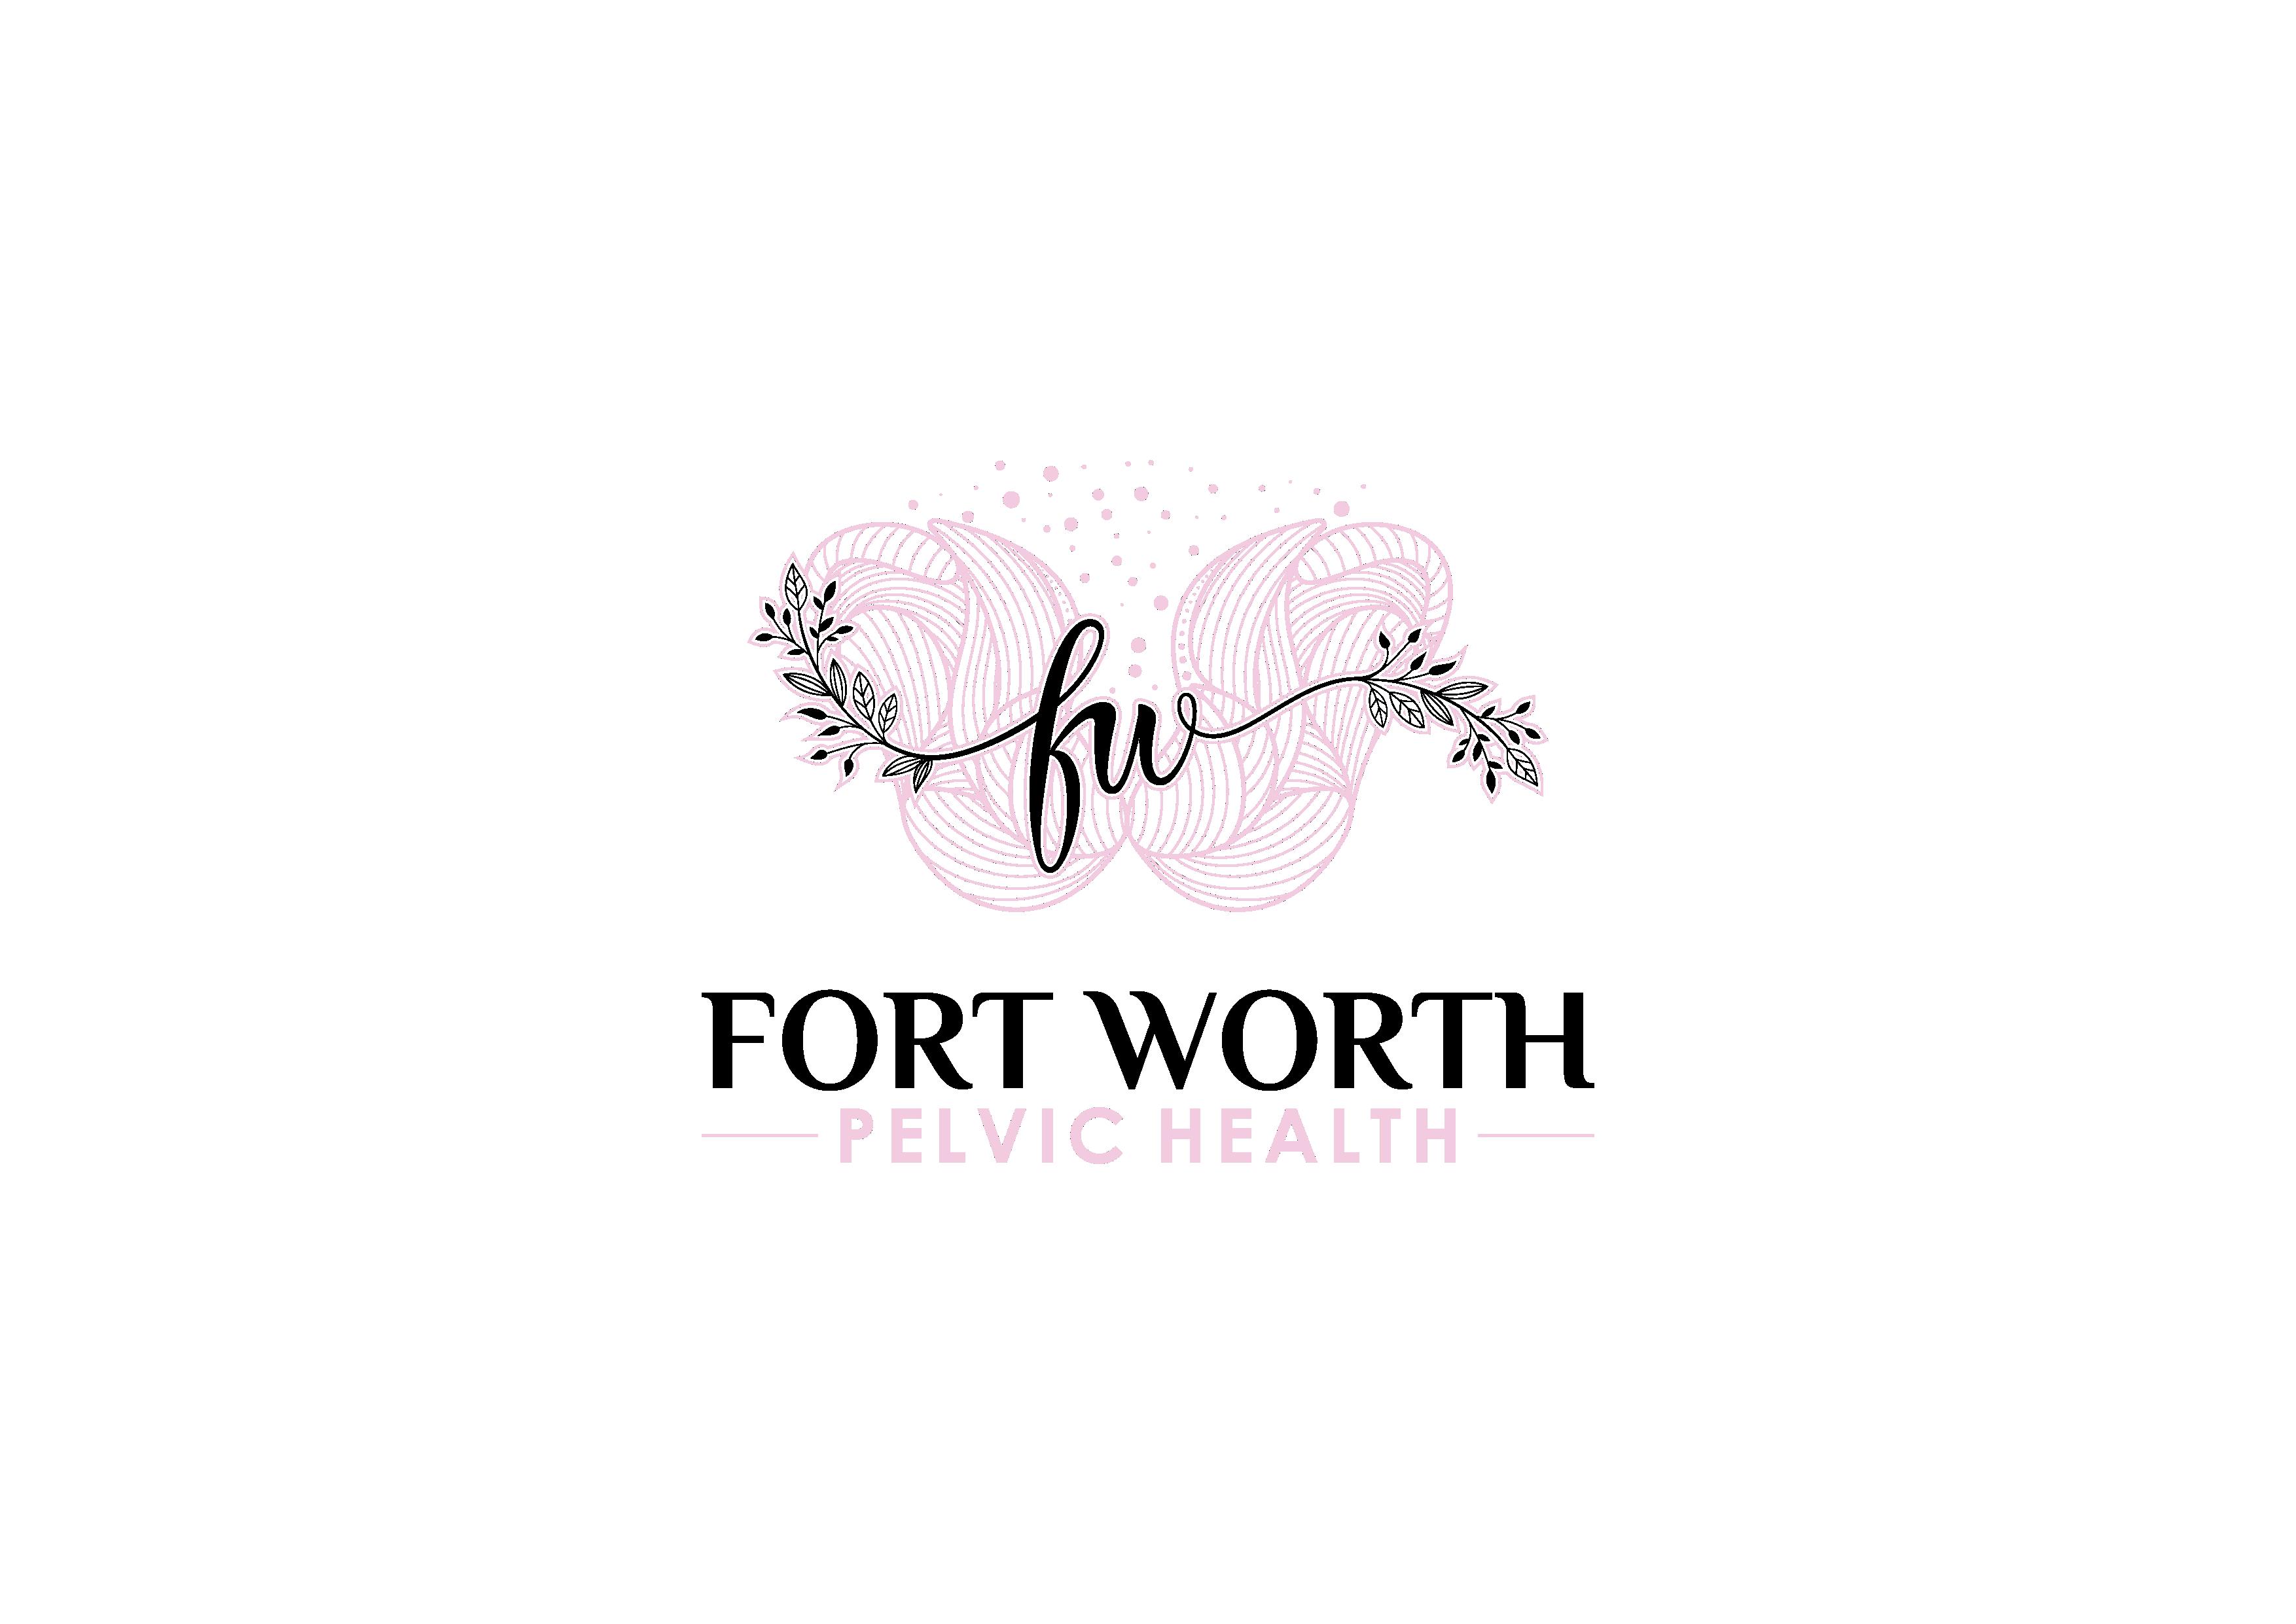 Make Vaginas Great Again - Womens Health Clinic in Texas